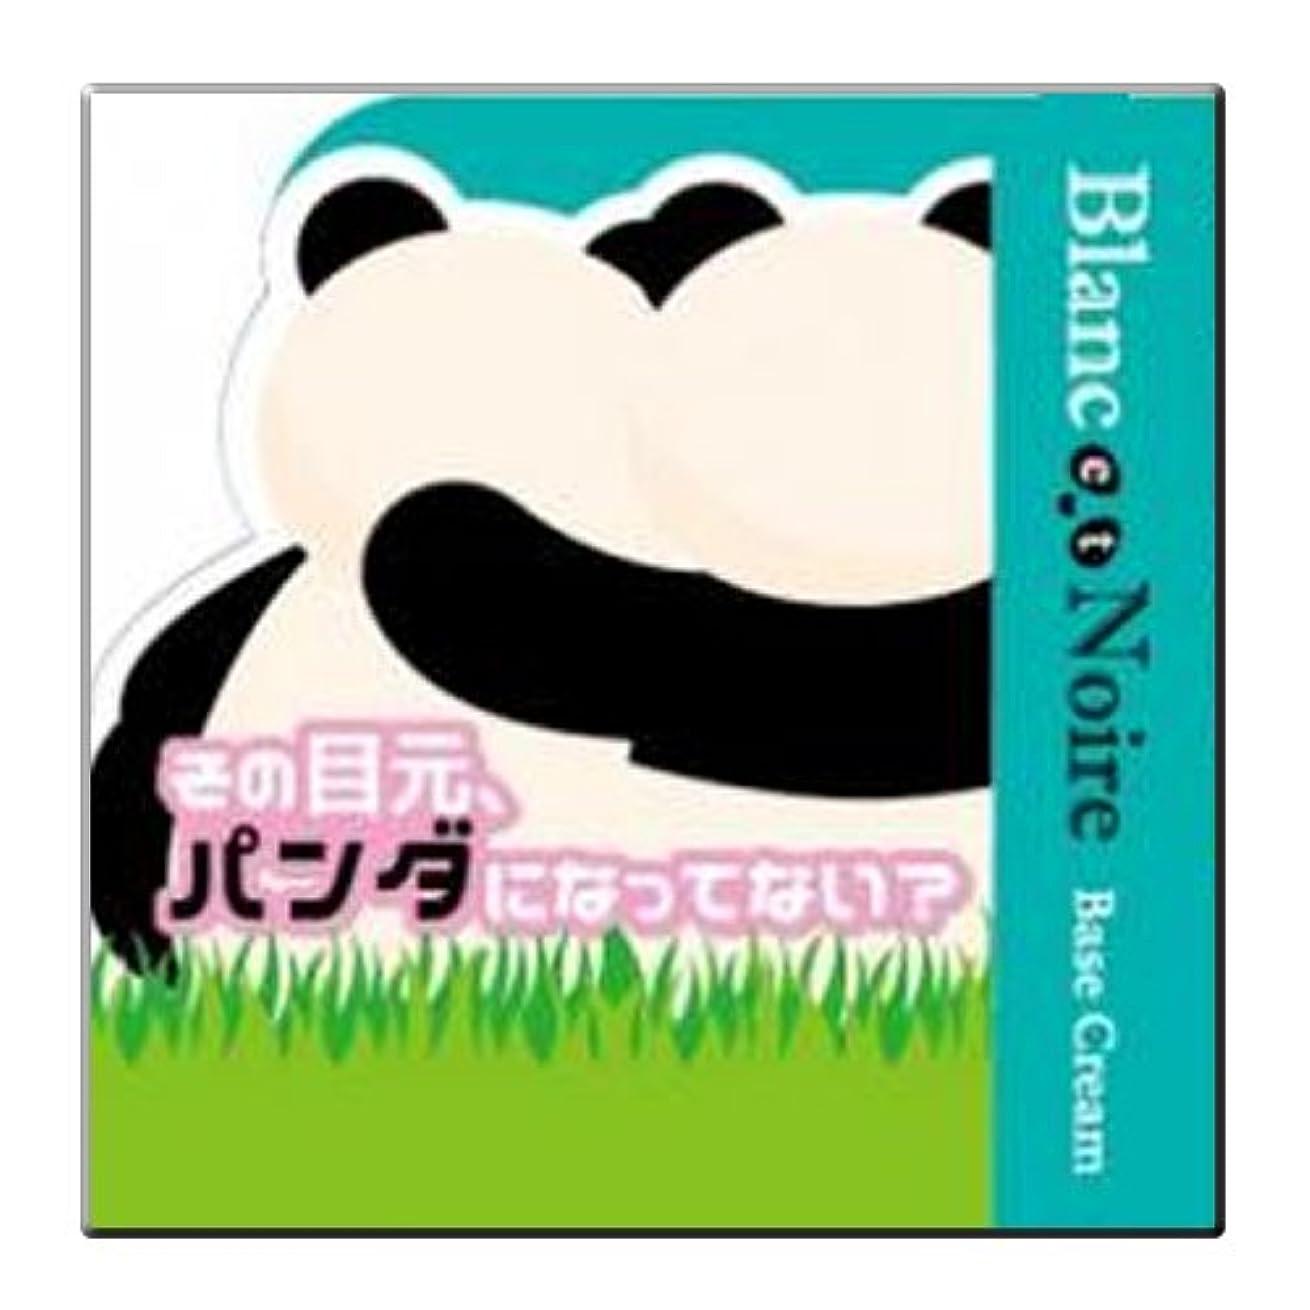 新着シマウマ世界記録のギネスブックBlanc et Noire(ブラン エ ノアール) Base Cream(ベースクリーム) 薬用美白クリームファンデーション 医薬部外品 15g